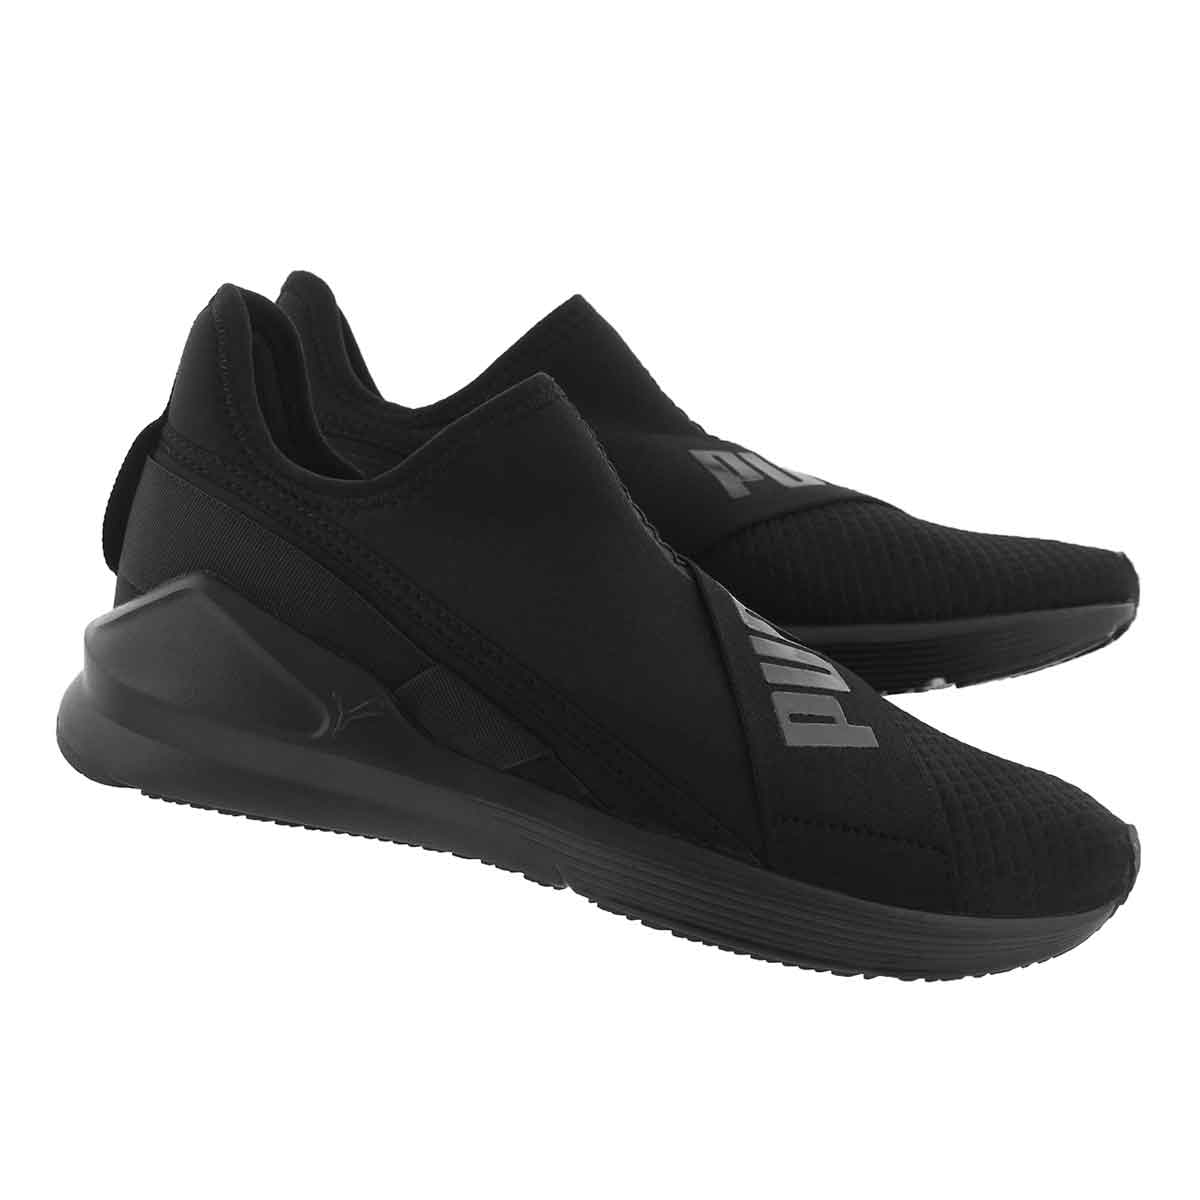 Lds Fierce Slip On black sneaker